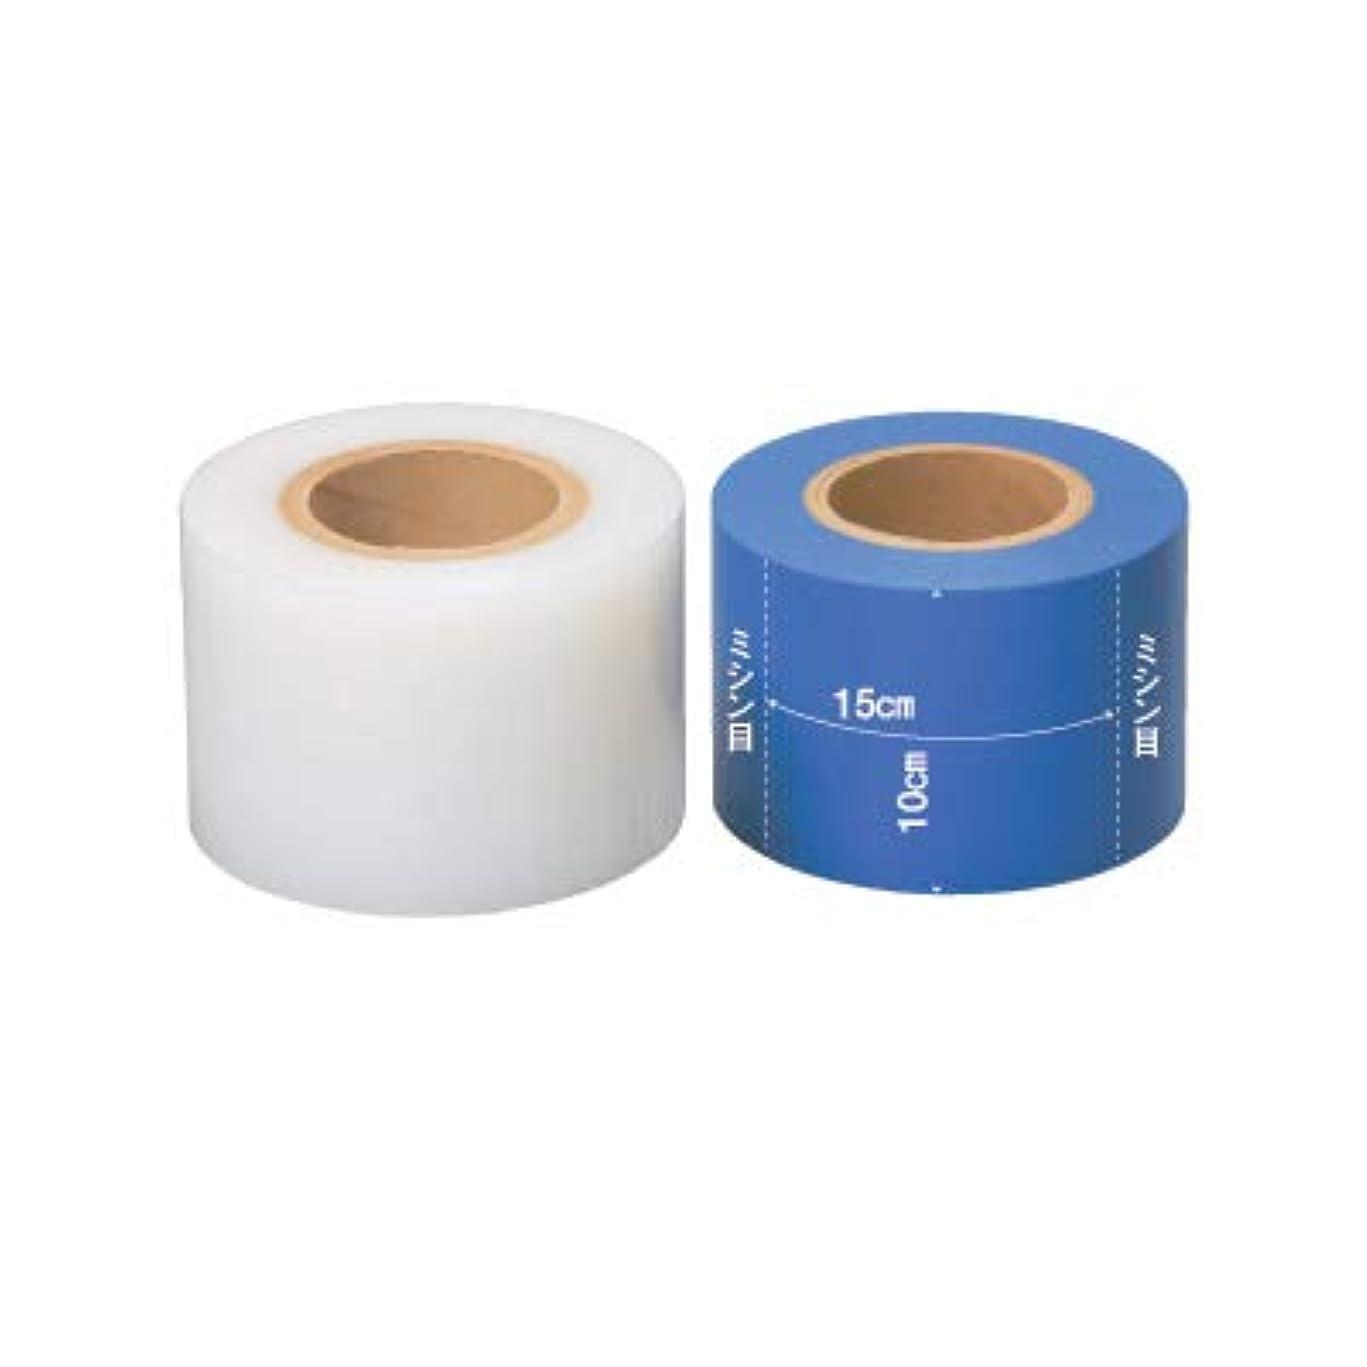 首謀者思いやりかどうか(ロータス)LOTUS バリアフィルムテープ 10cm×180m (保護用テープ ミシン目あり) (ブルー)